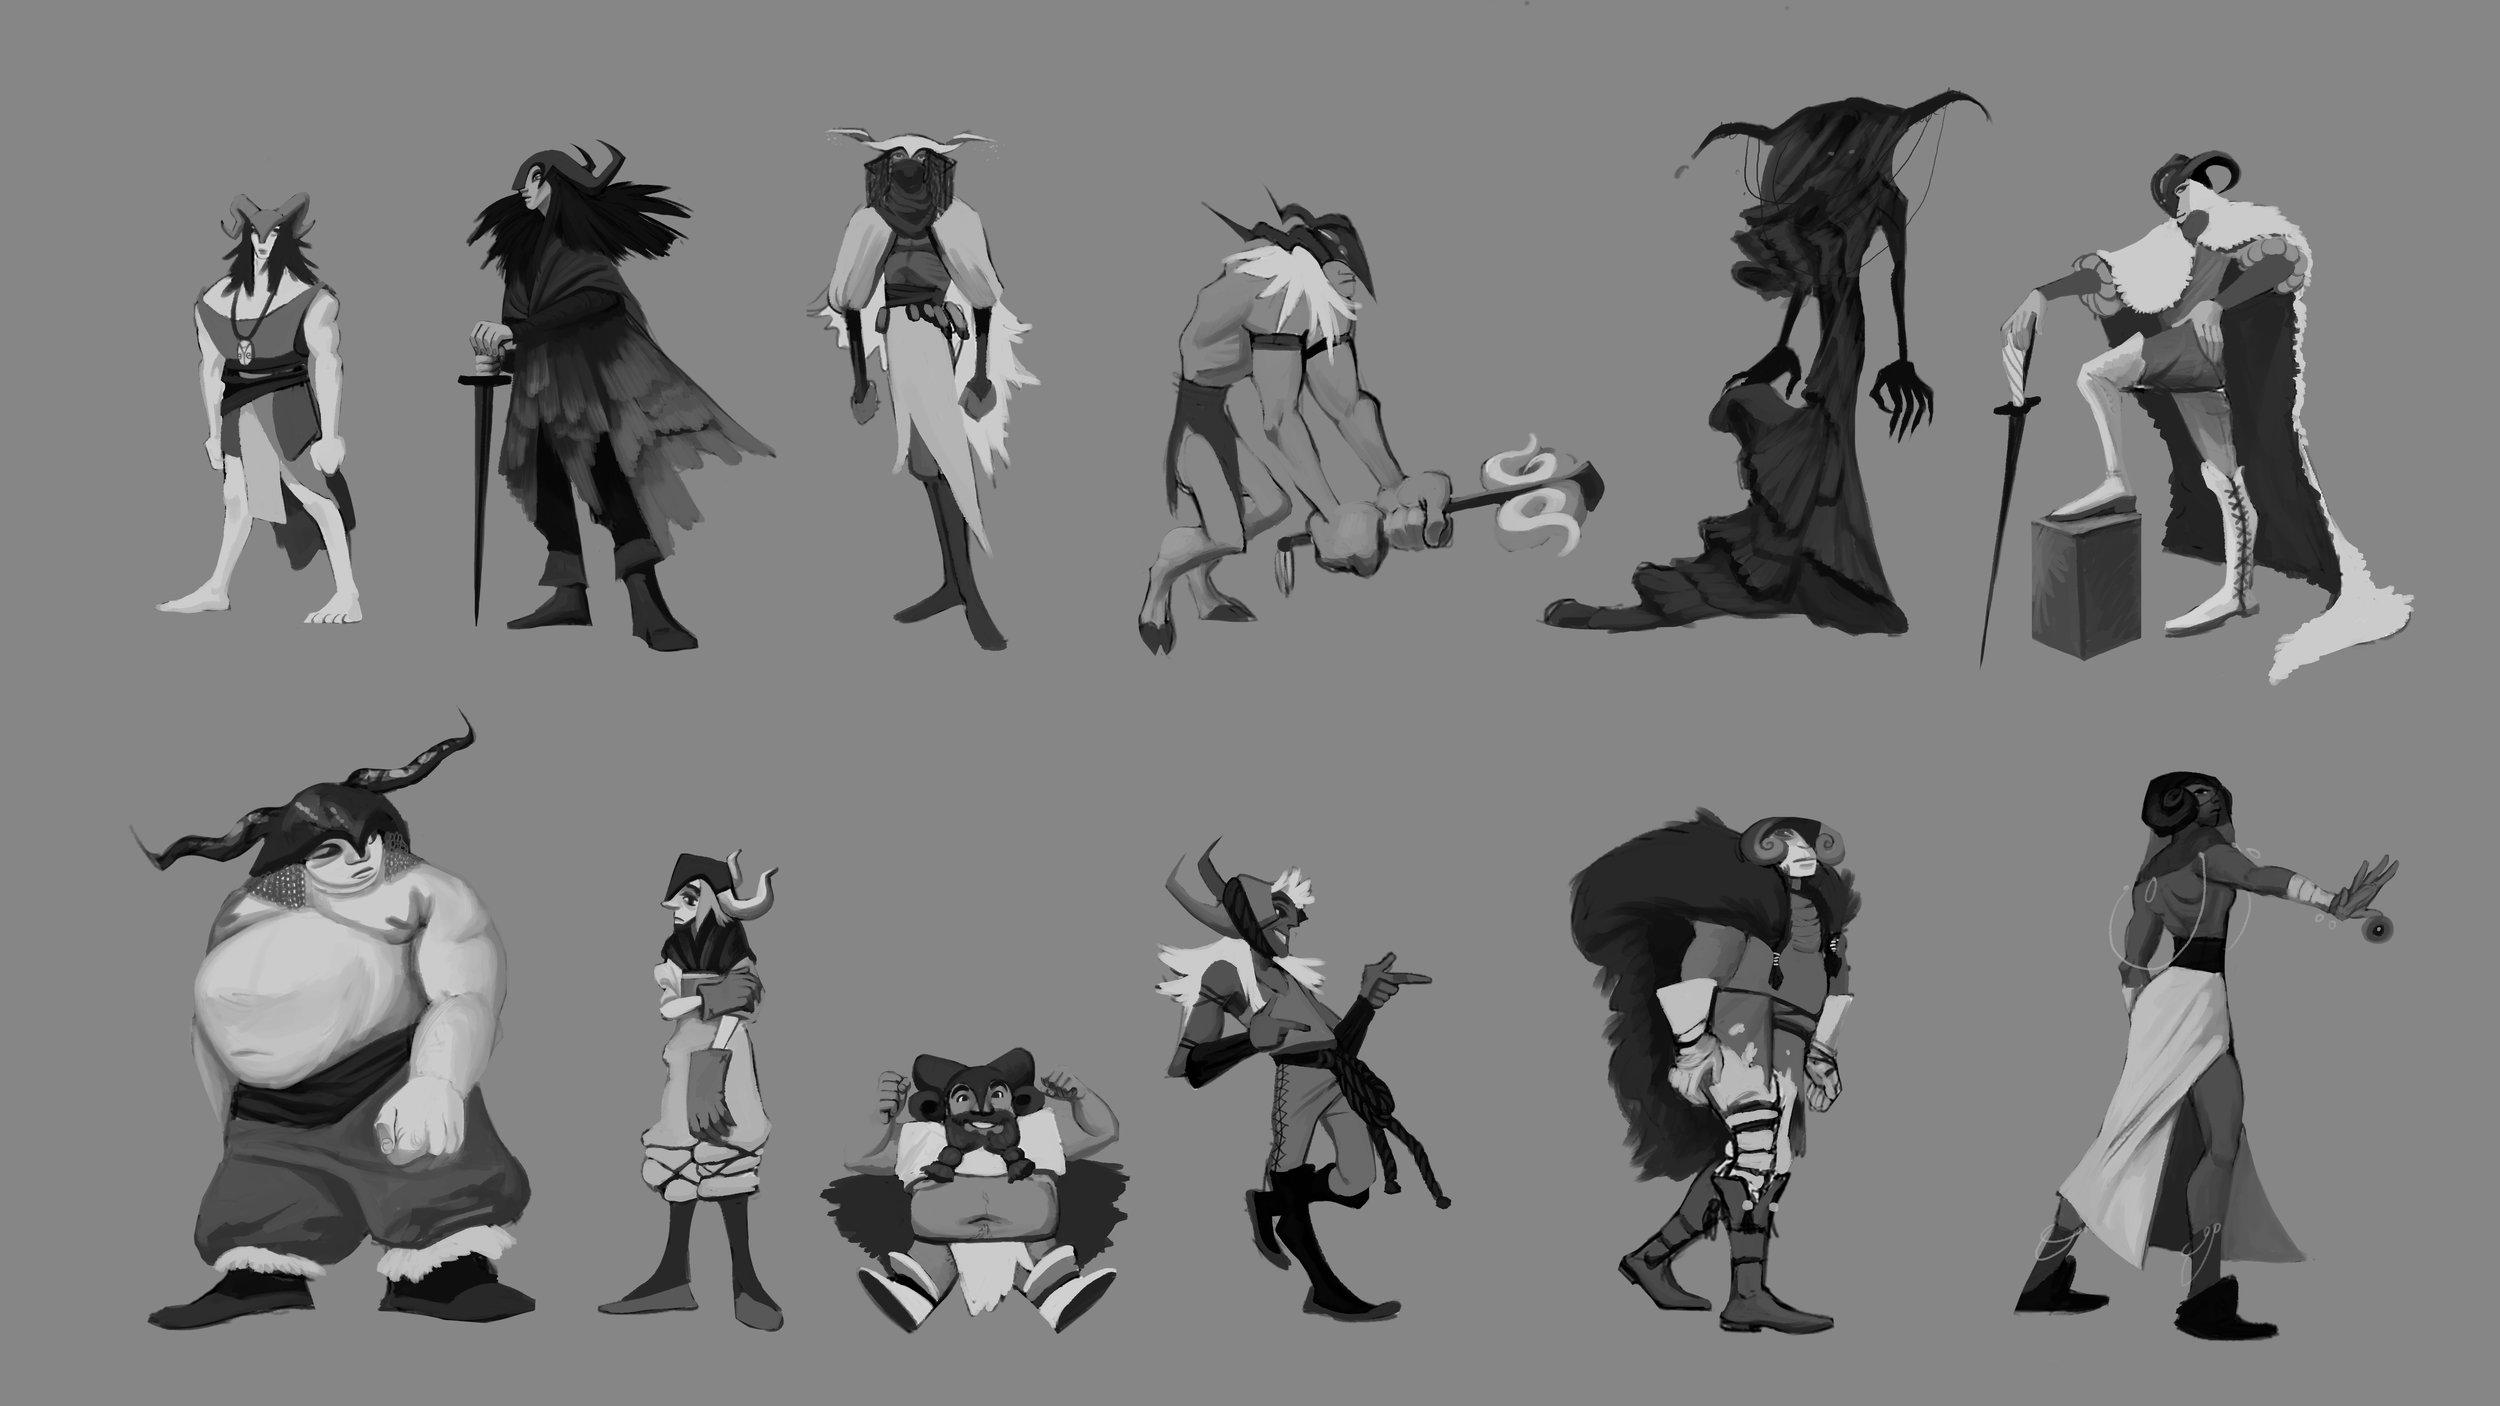 character design009.jpg